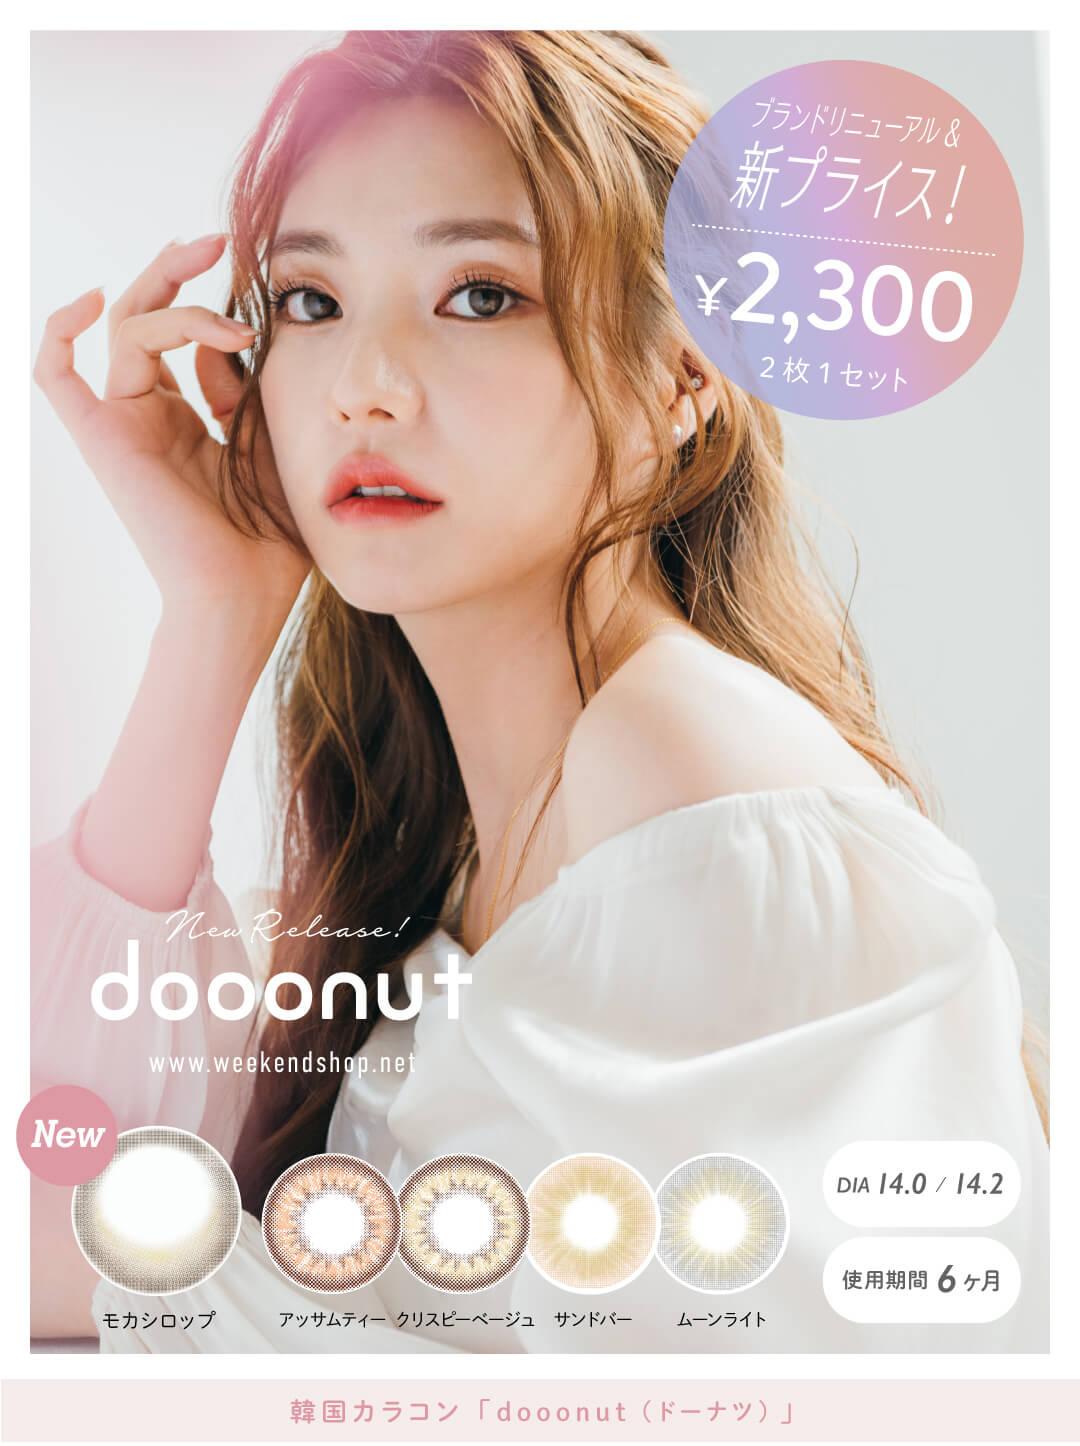 韓国カラコン「dooonut(ドーナツ)」